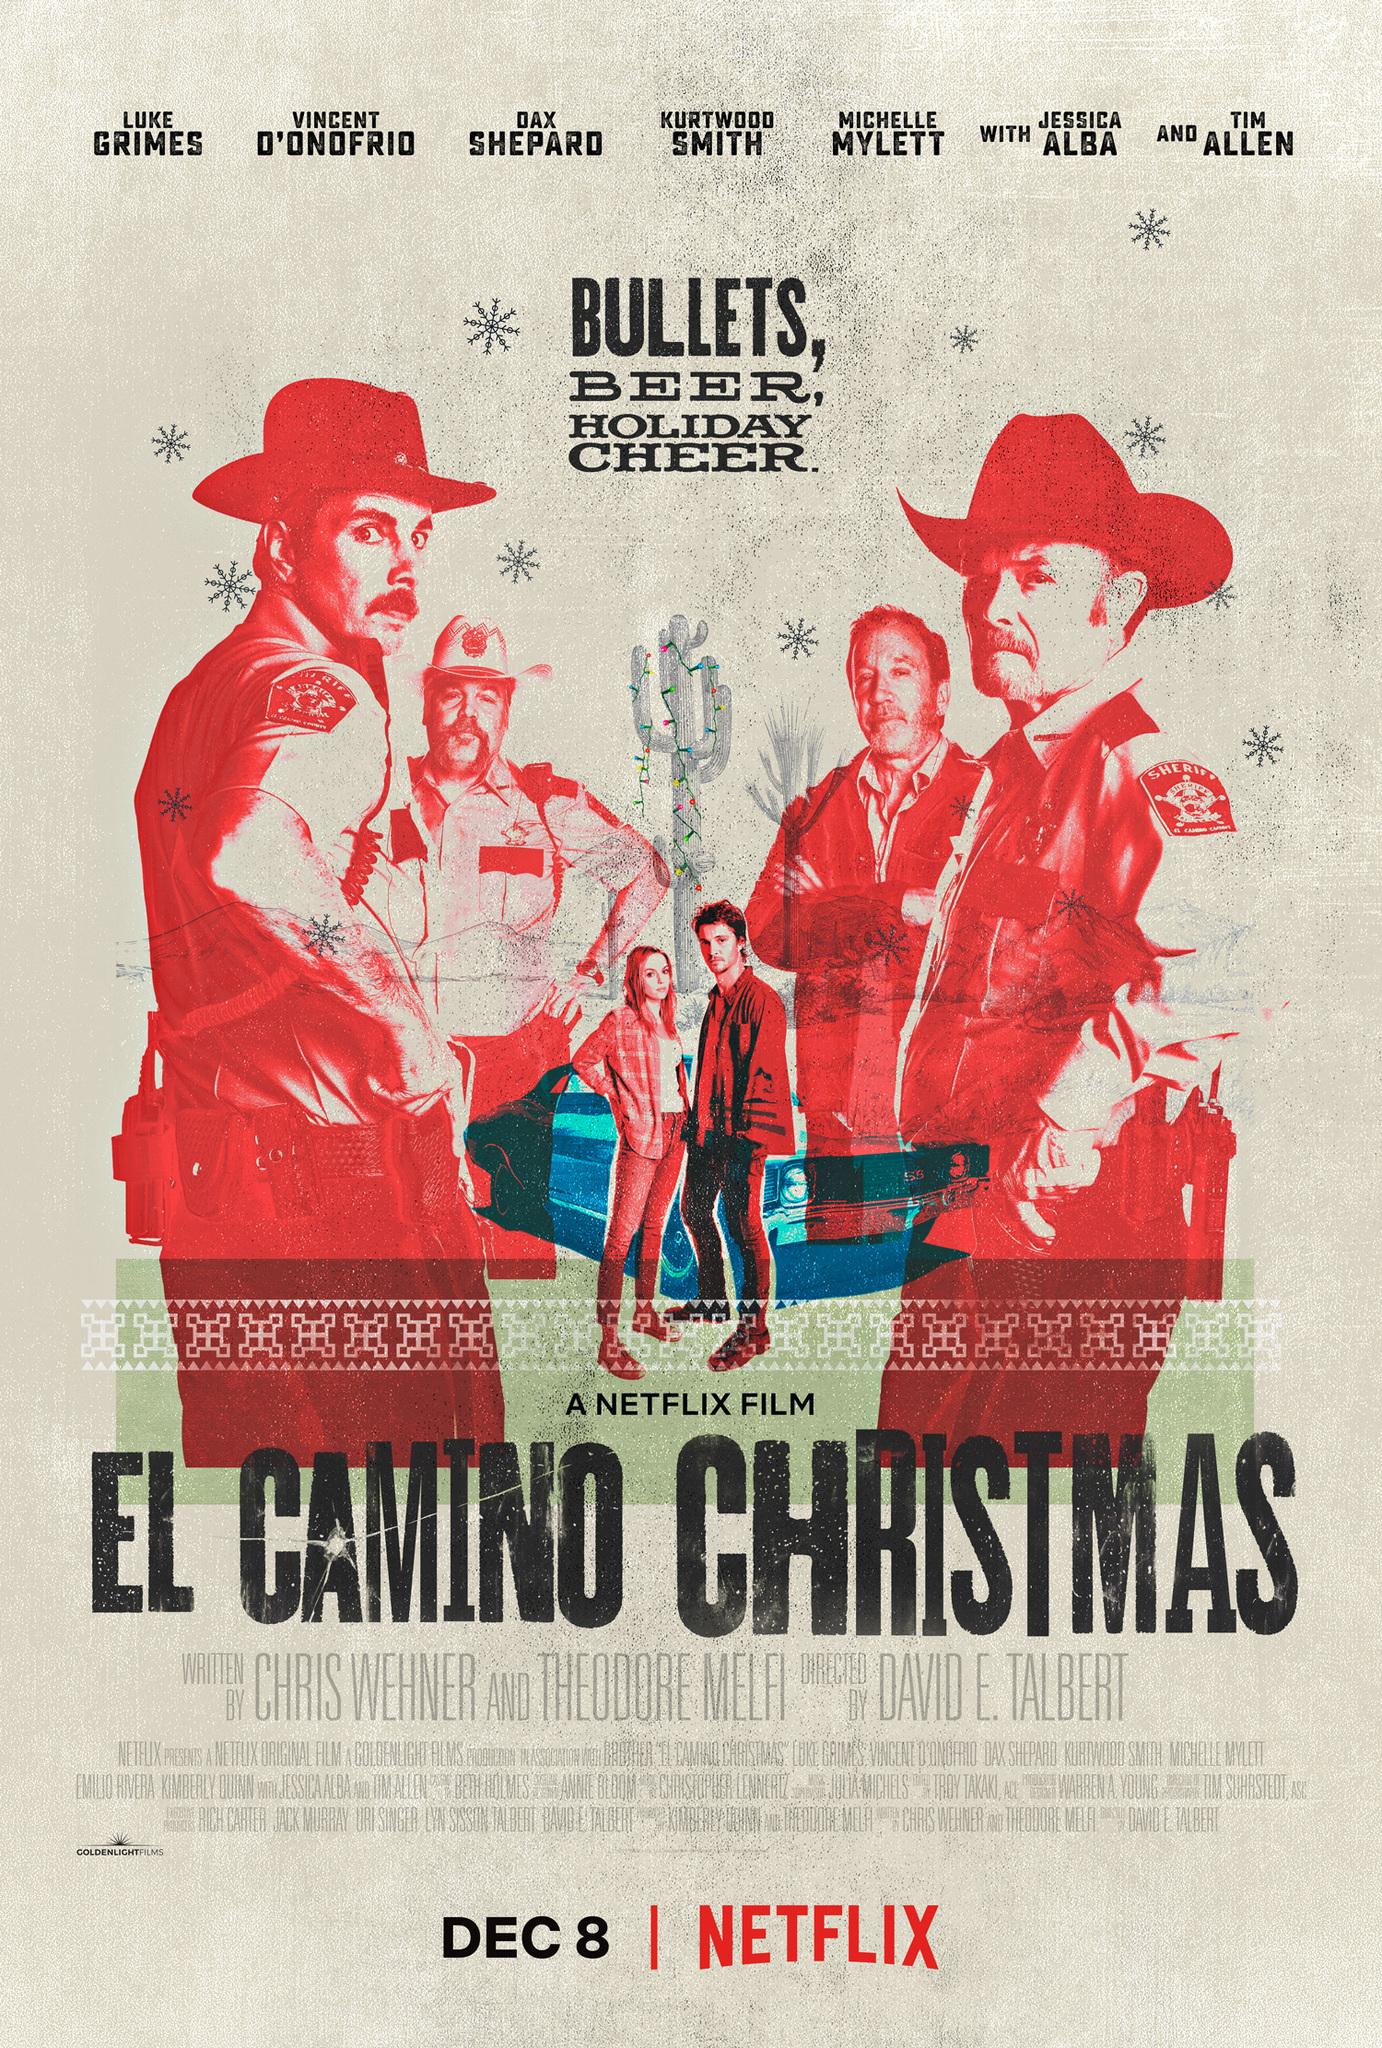 El Camino Christmas 2017.El Camino Christmas 2017 Imdb